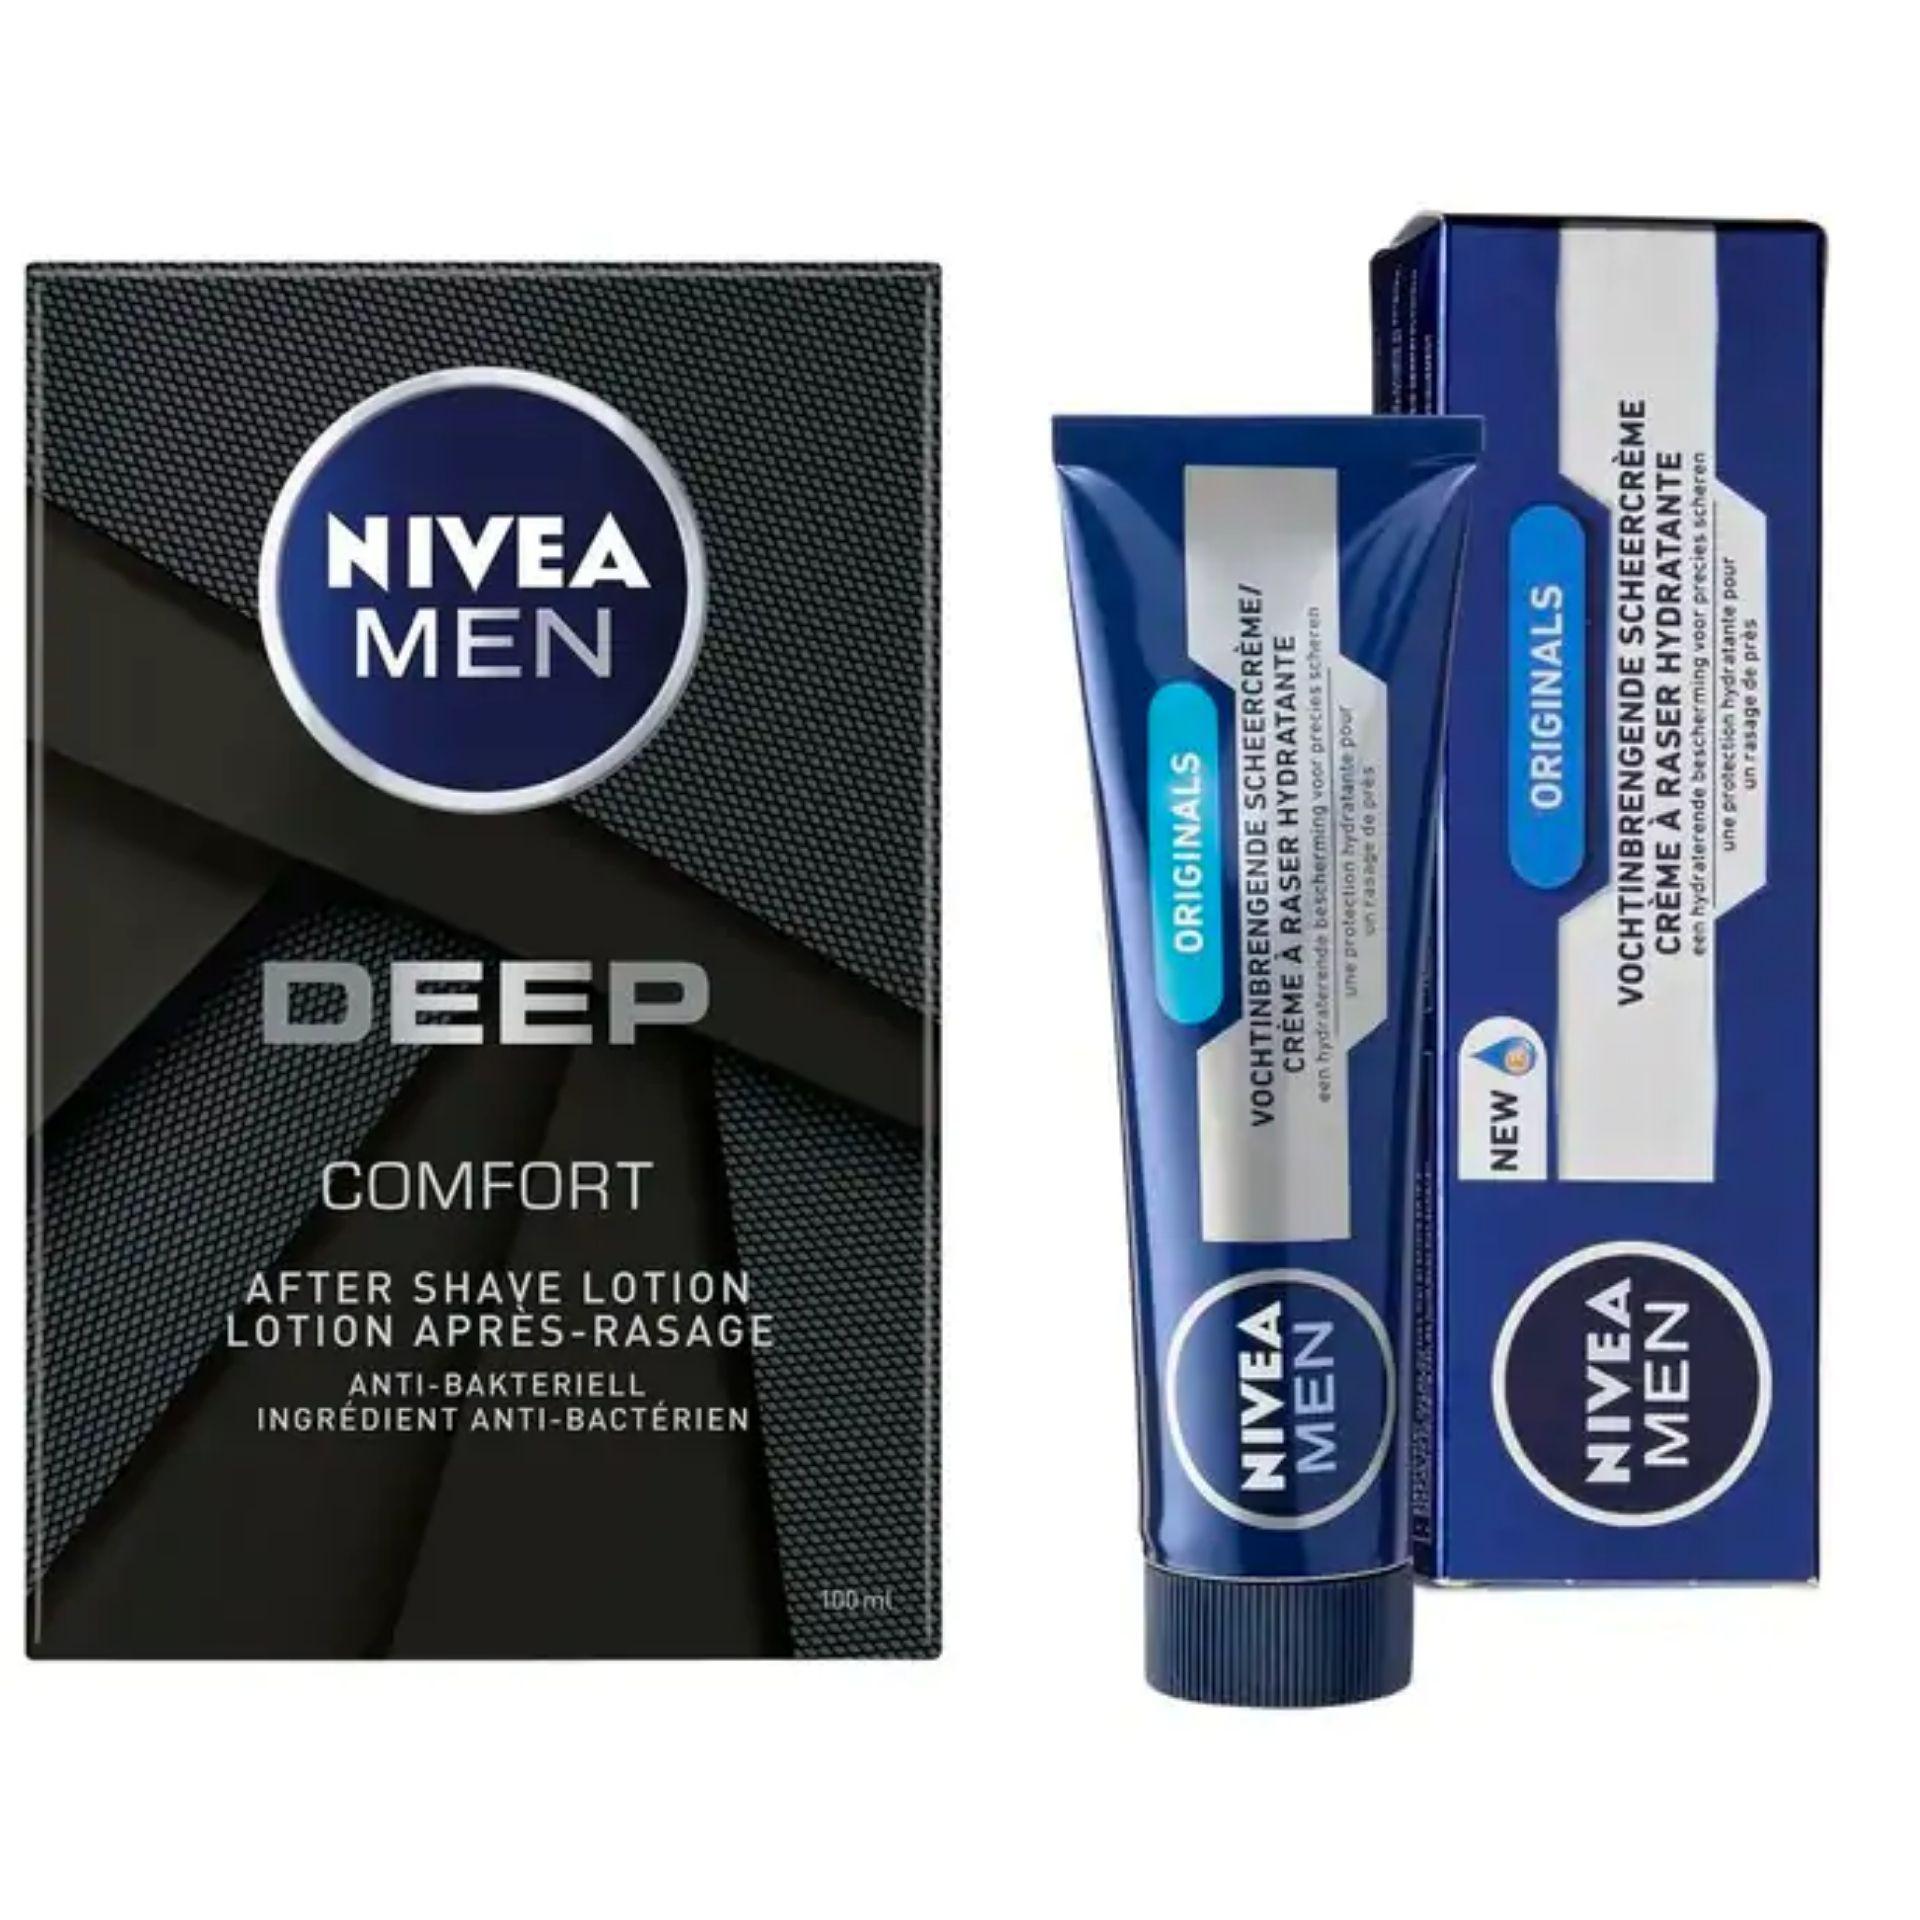 2x Nivea Men Scheercreme + 1x Nivea Men aftershave lotion van €14,73 voor €3,58 in totaal @Kruidvat